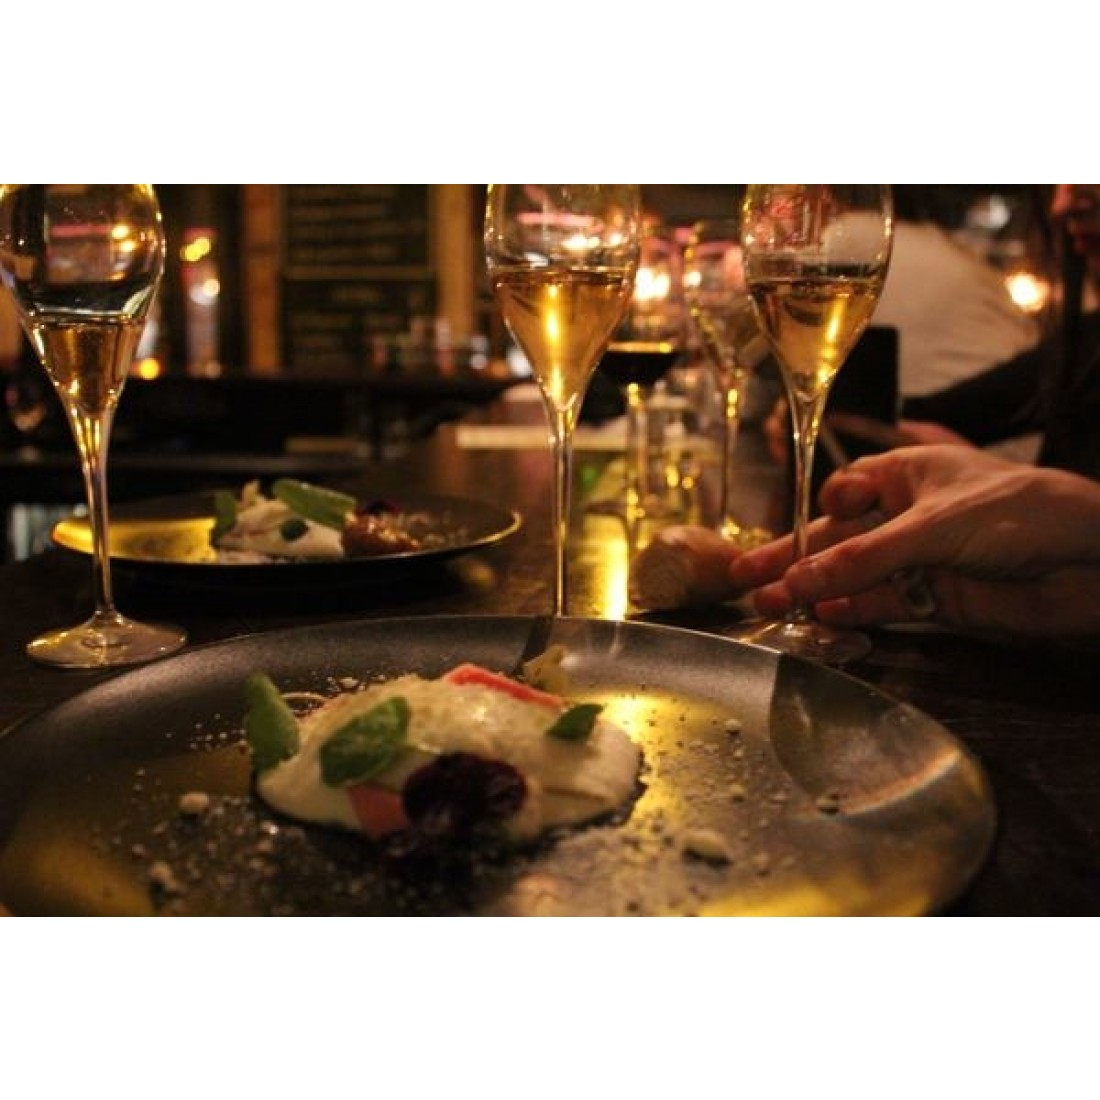 Champagnemiddag på Vesterbro Vinstue tirsdag den 23. februar kl. 18.30-31